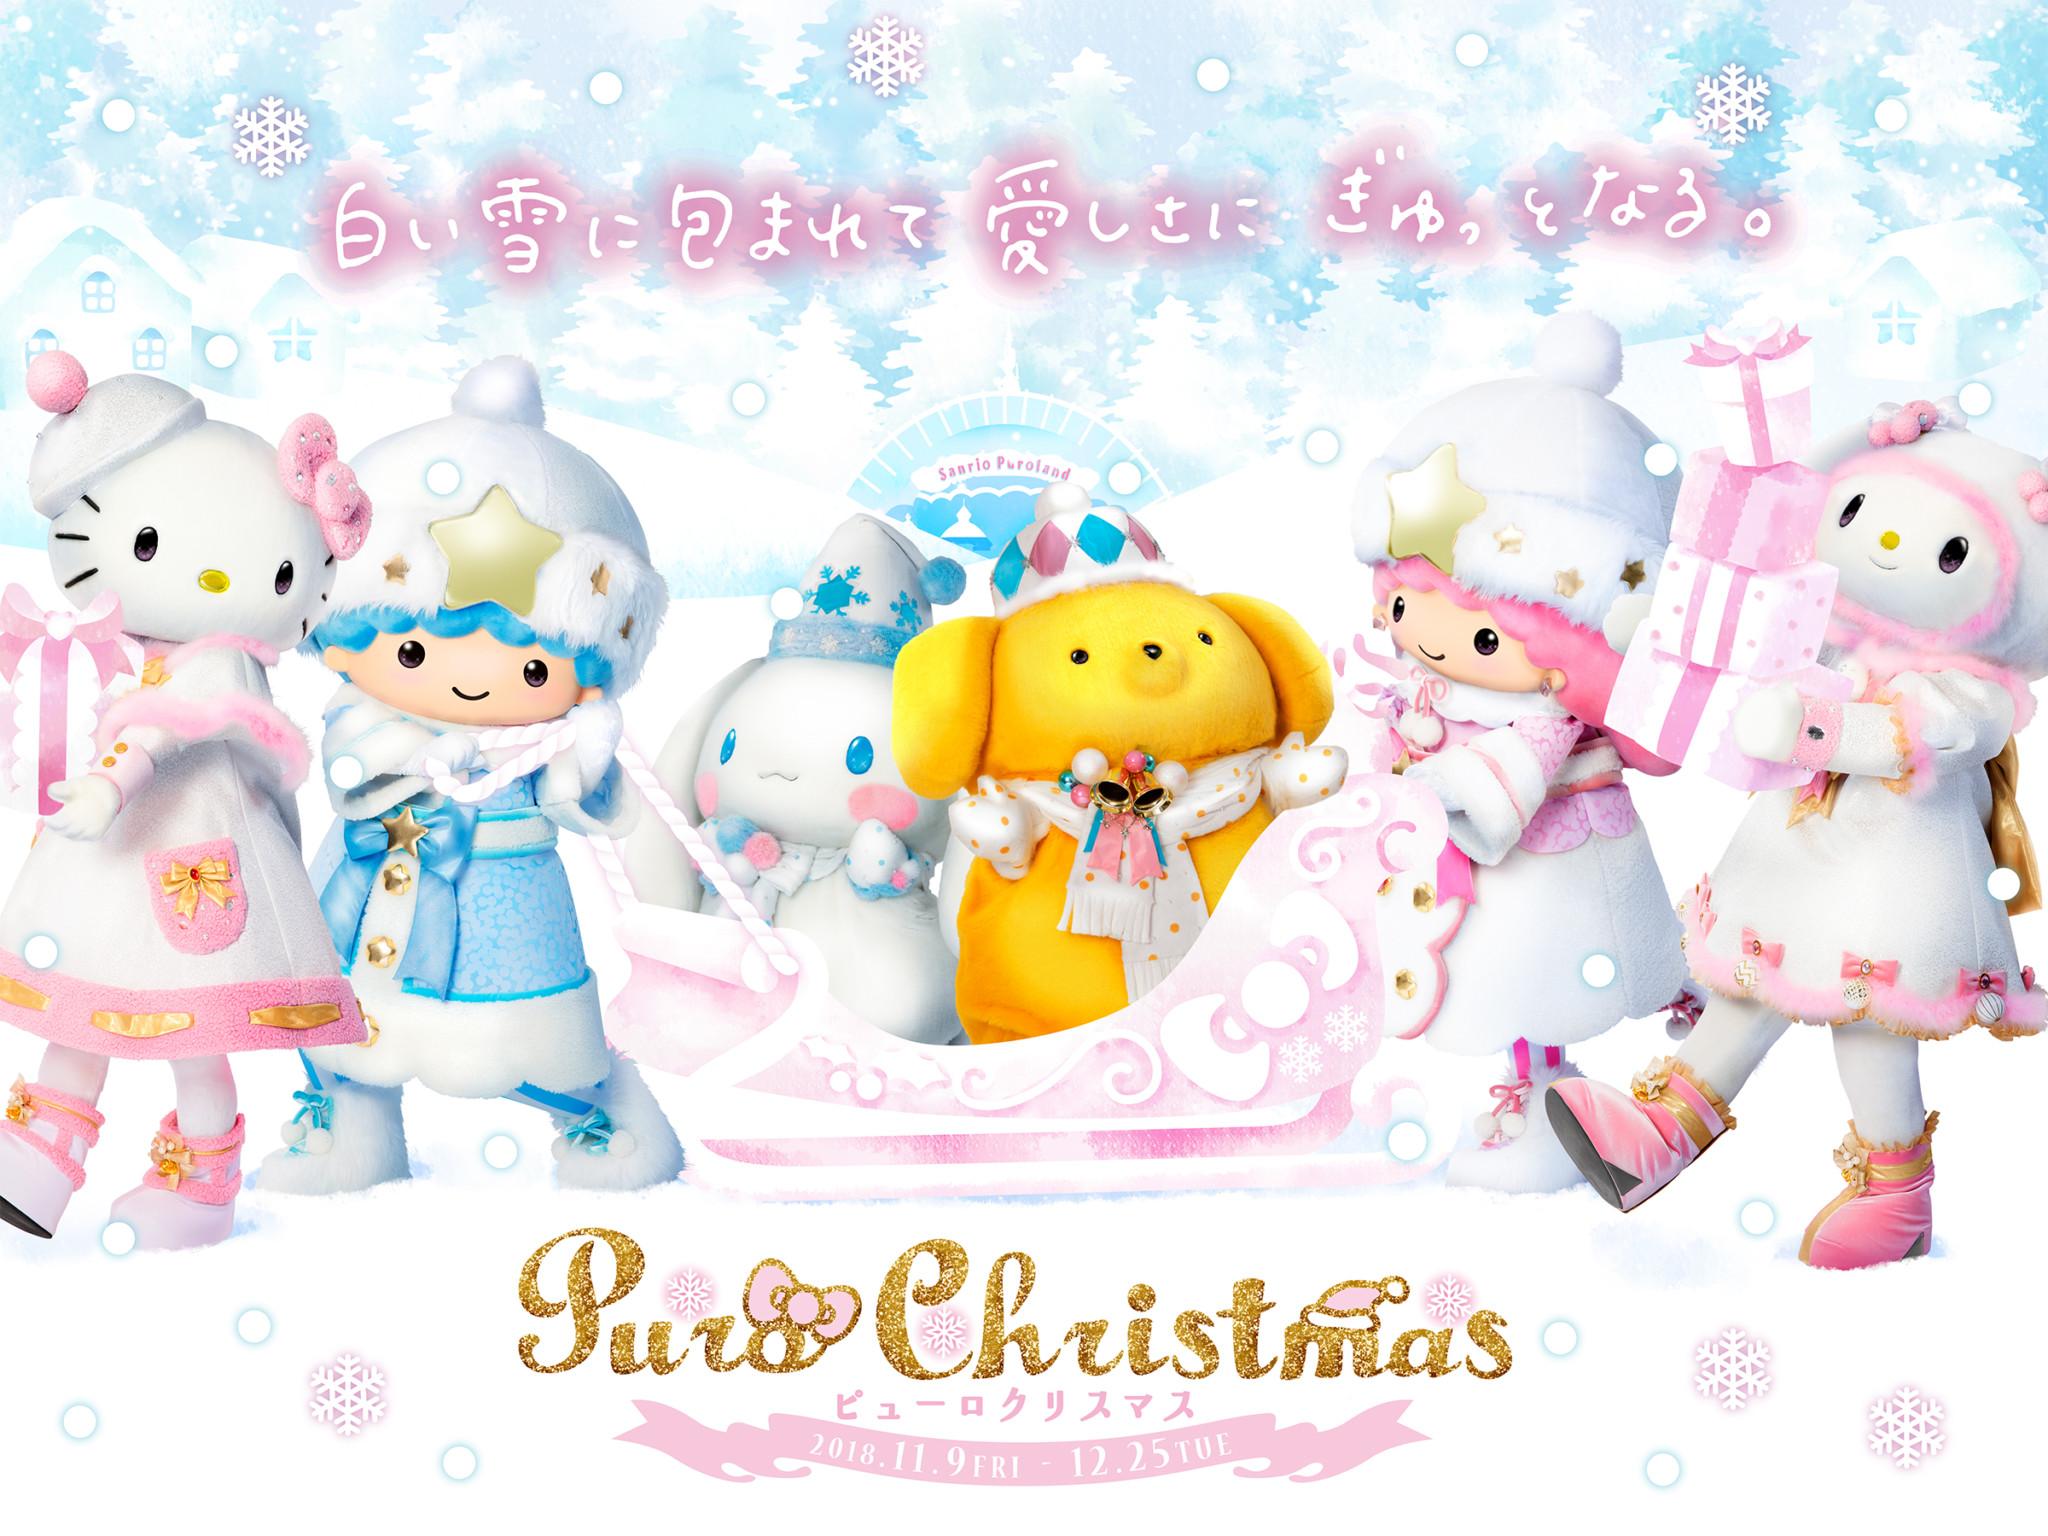 クリスマスはサンリオキャラと…♡『ピューロクリスマス』開催決定!